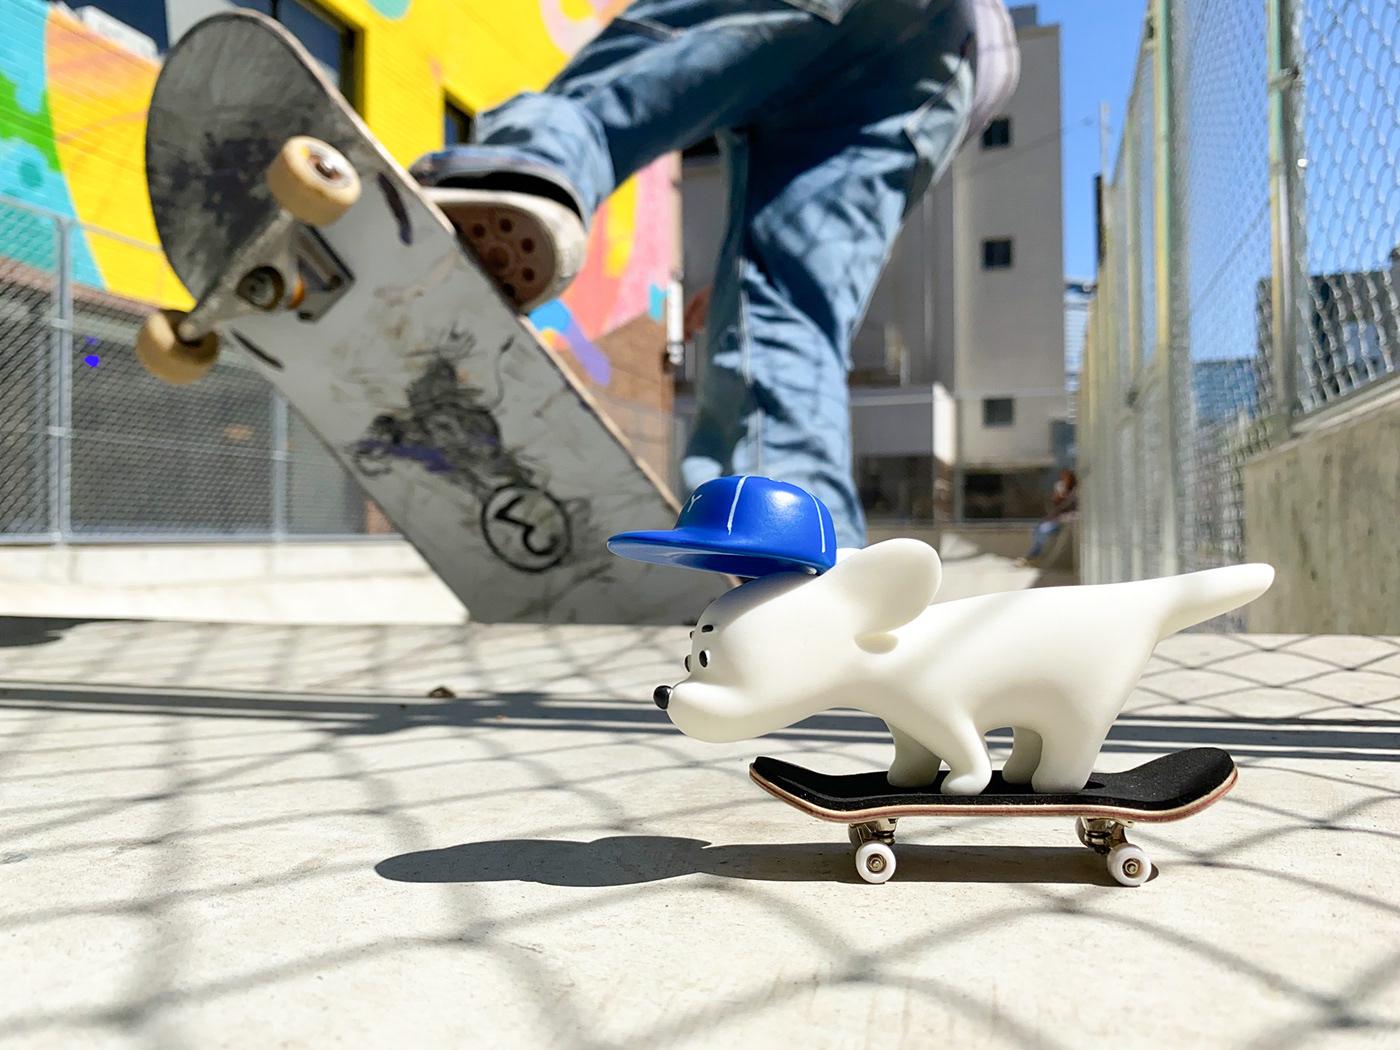 Image may contain: skating, aircraft and airplane